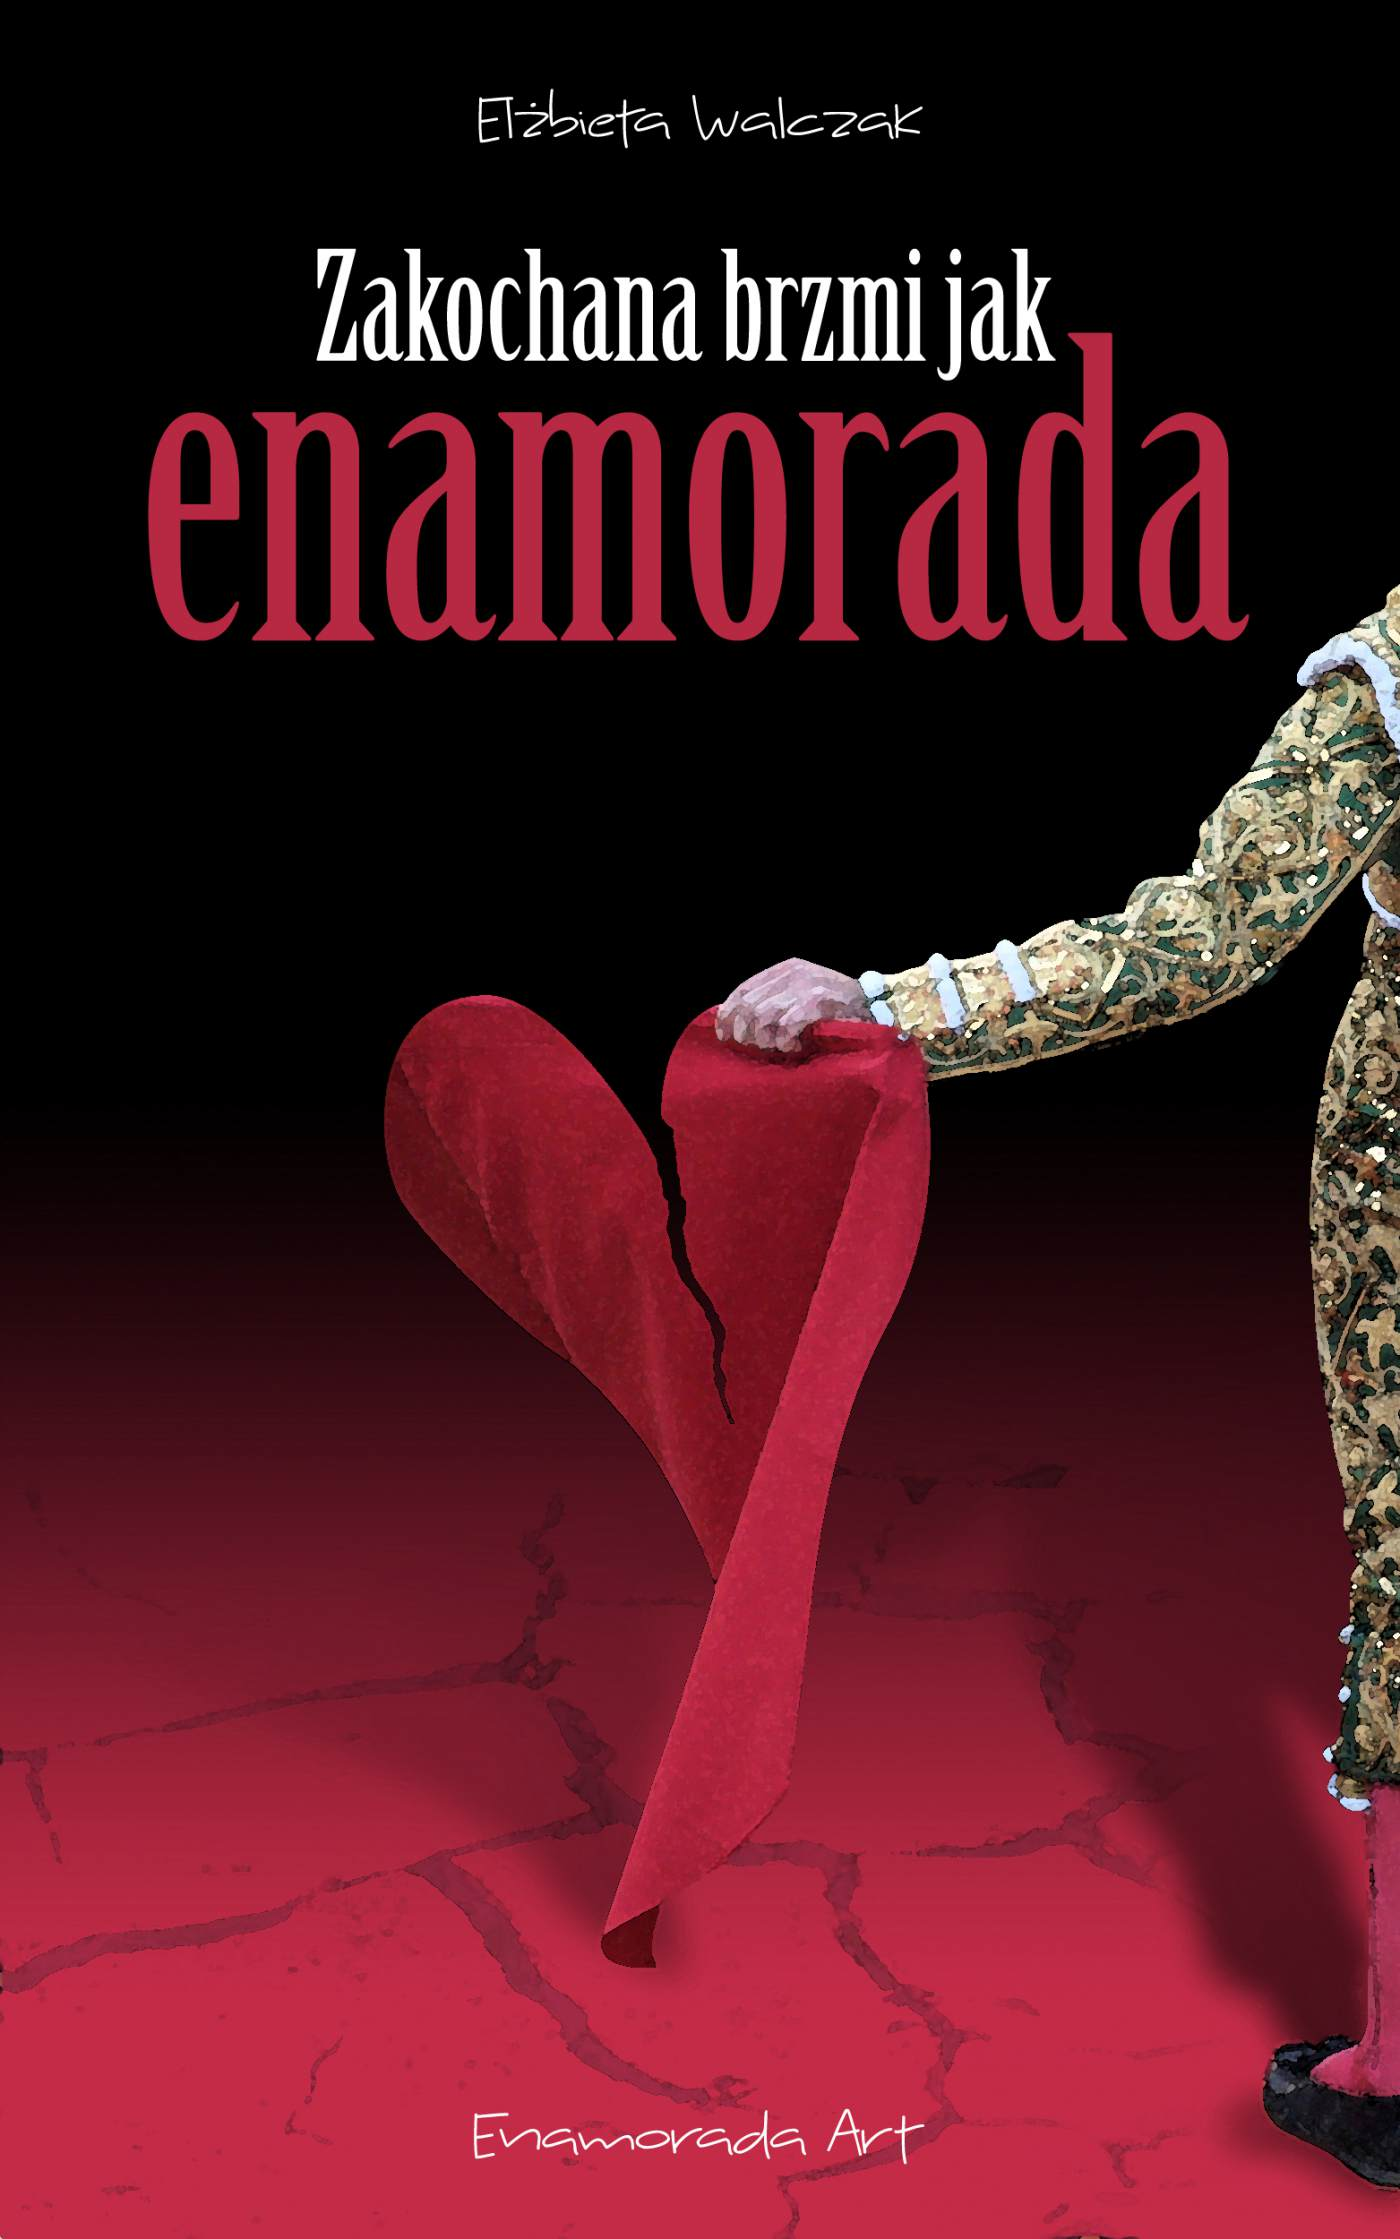 Zakochana brzmi jak Enamorada - Ebook (Książka EPUB) do pobrania w formacie EPUB